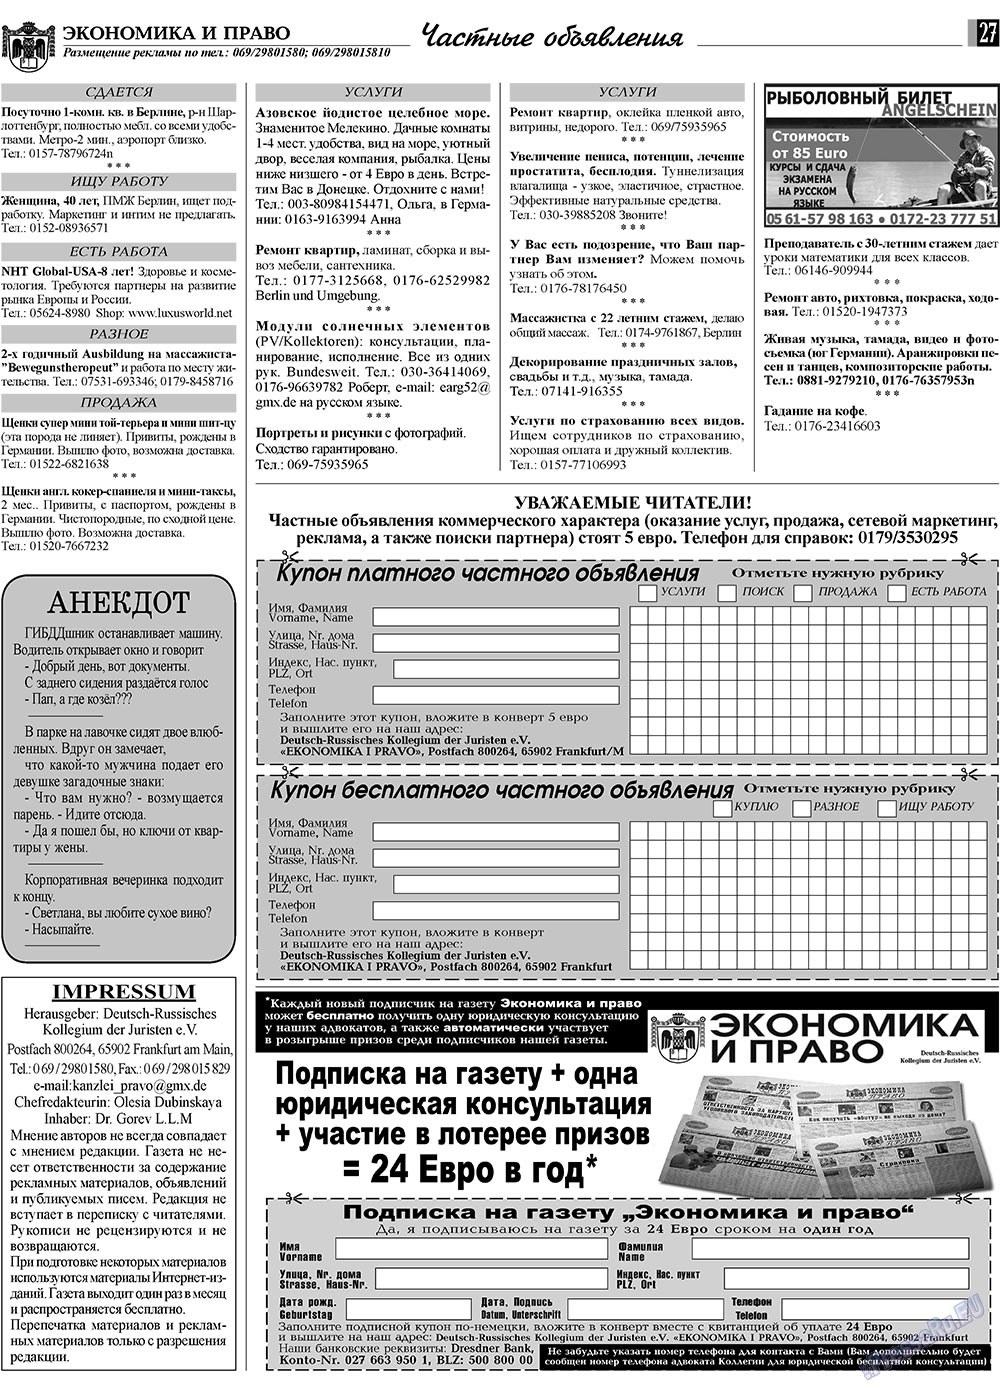 Экономика и право (газета). 2009 год, номер 9, стр. 27